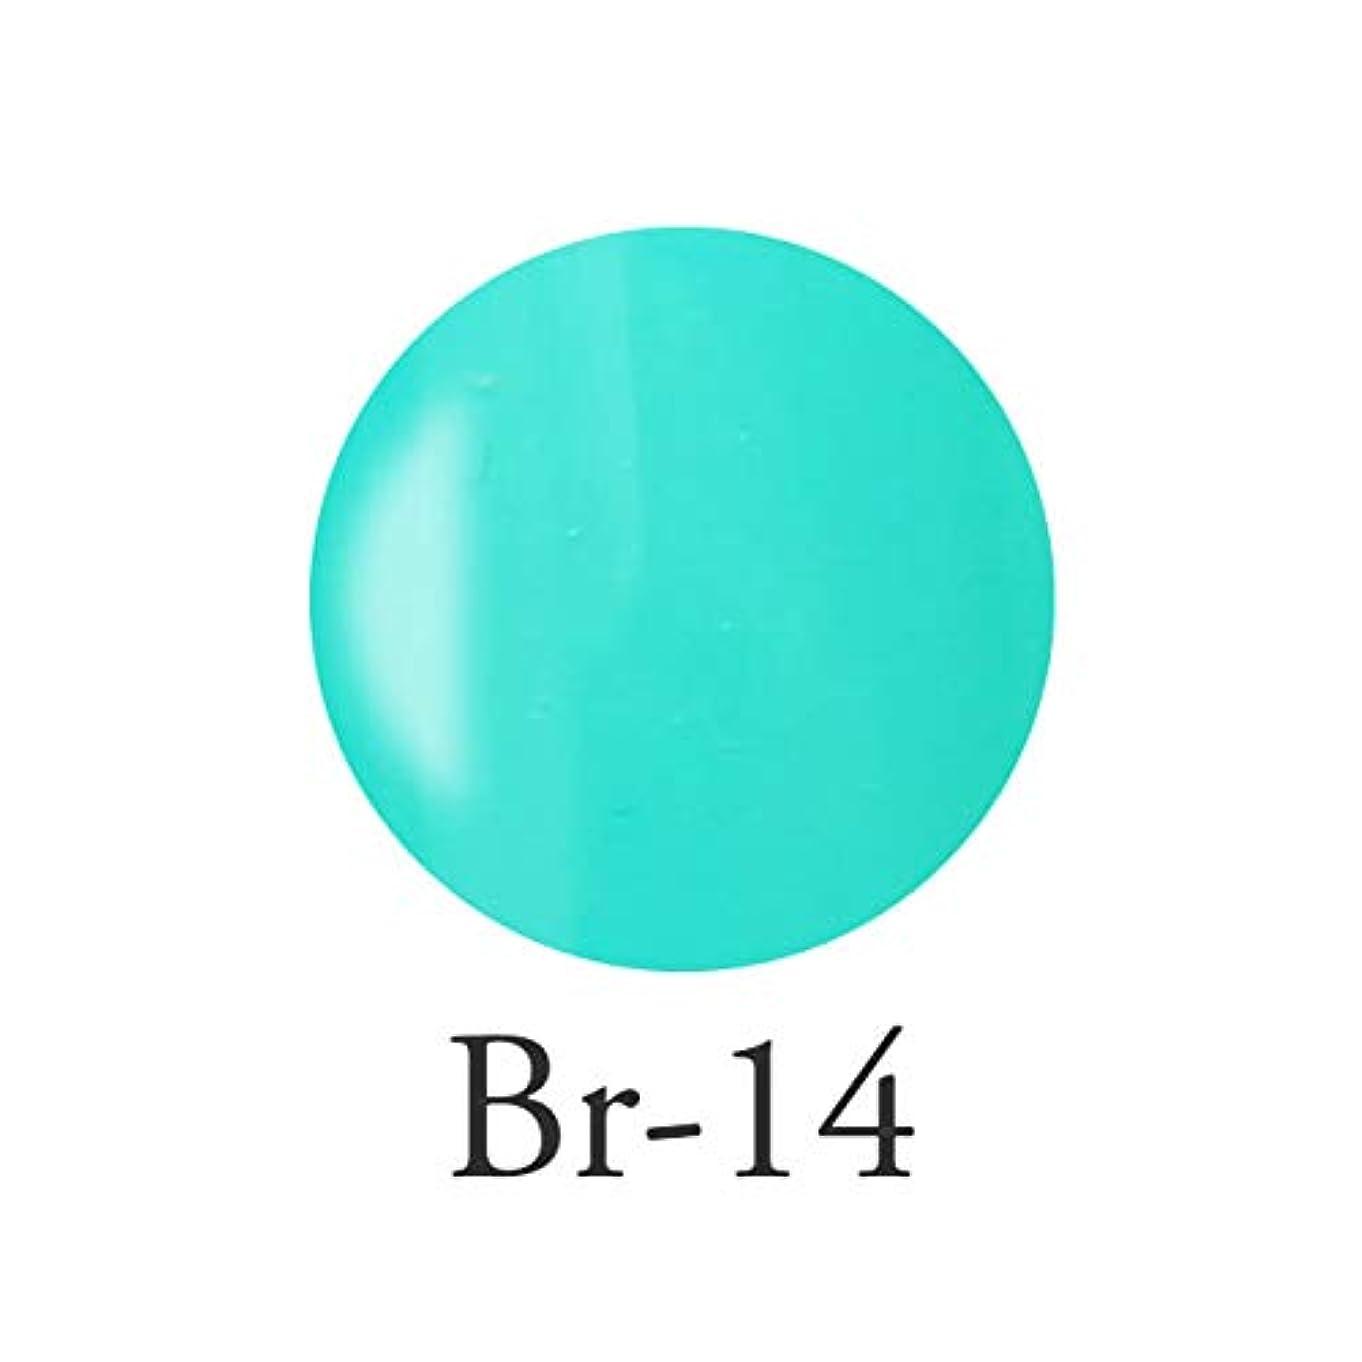 緩むアリス均等にエンジェル クィーンカラージェル フェリシテブルー Br-14 3g